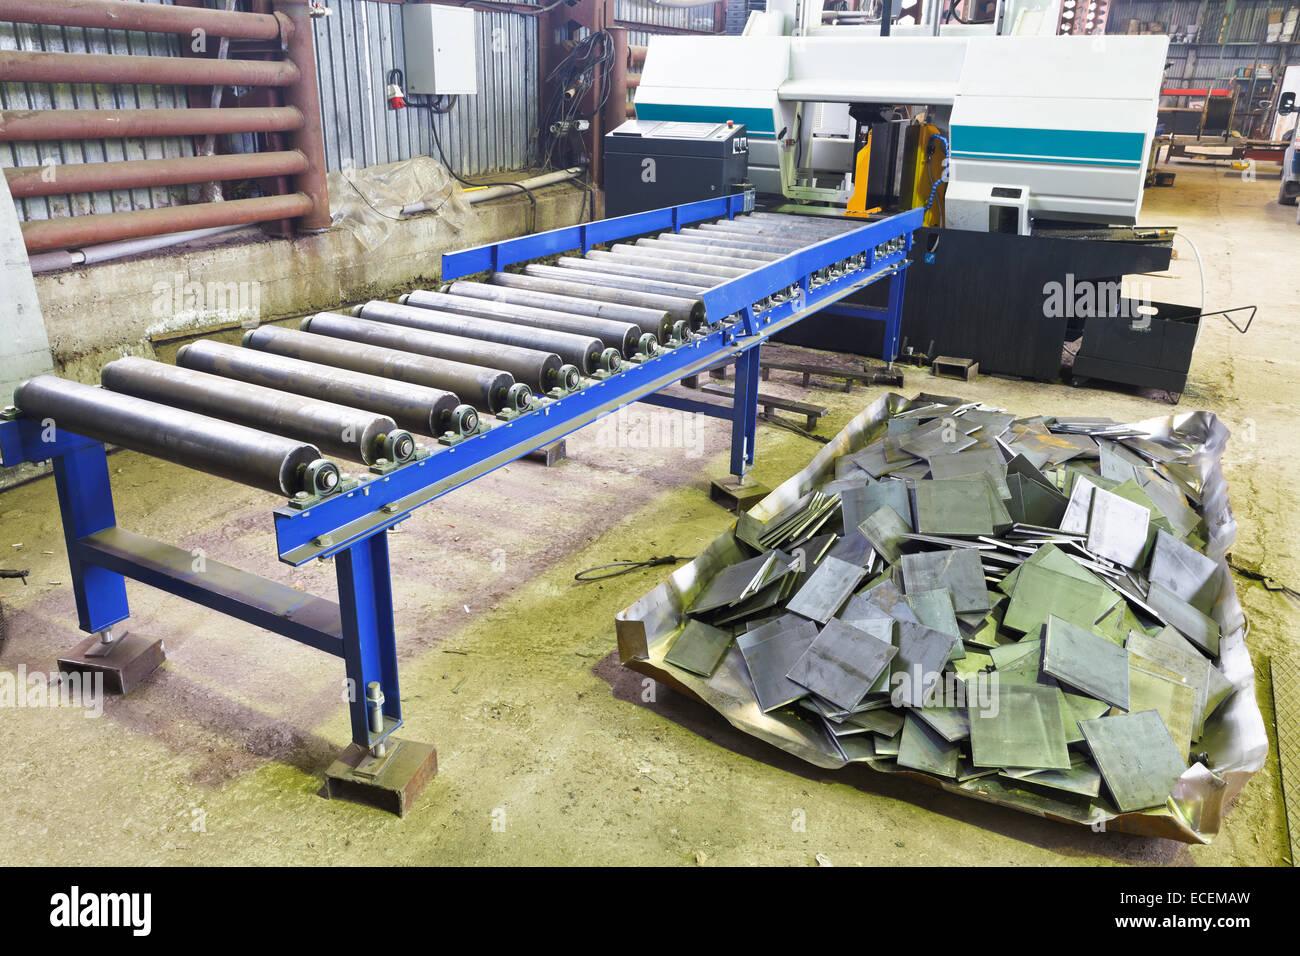 Piastrelle per officine meccaniche pavimenti industriali in pvc